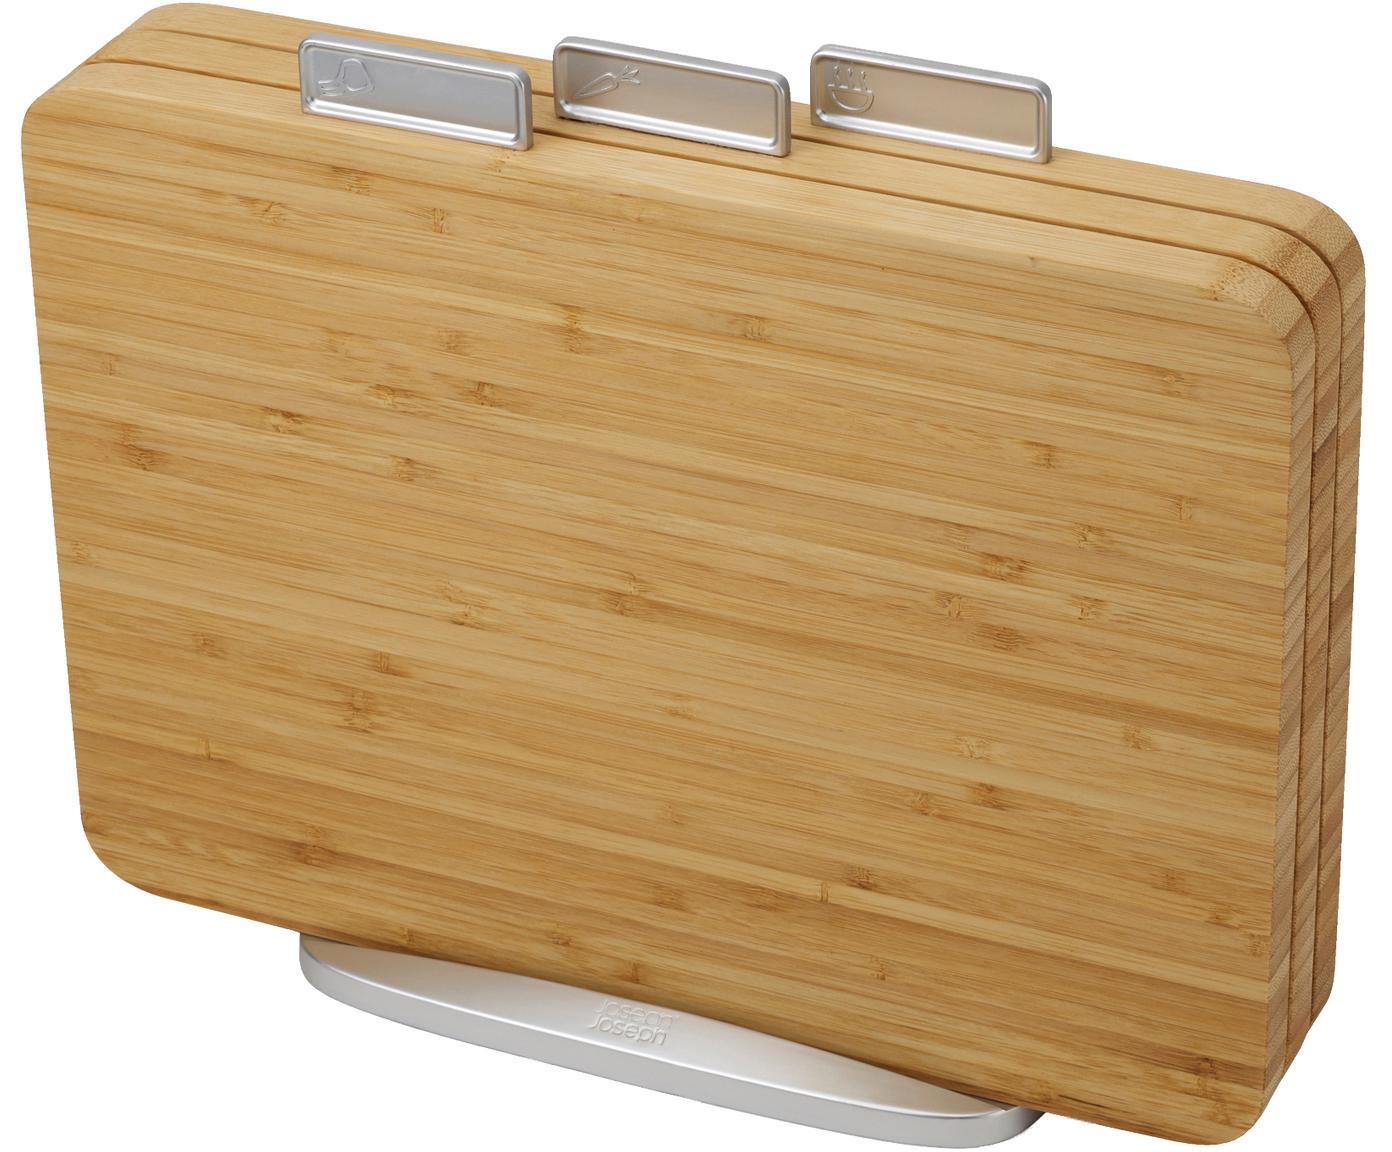 Schneidebrett-Set Index Bamboo, 4-tlg., Bambus, Polypropylen, Thermoplastischer Kunststoff, Metall, verzinkt, Bambus, Zink, 35 x 30 cm